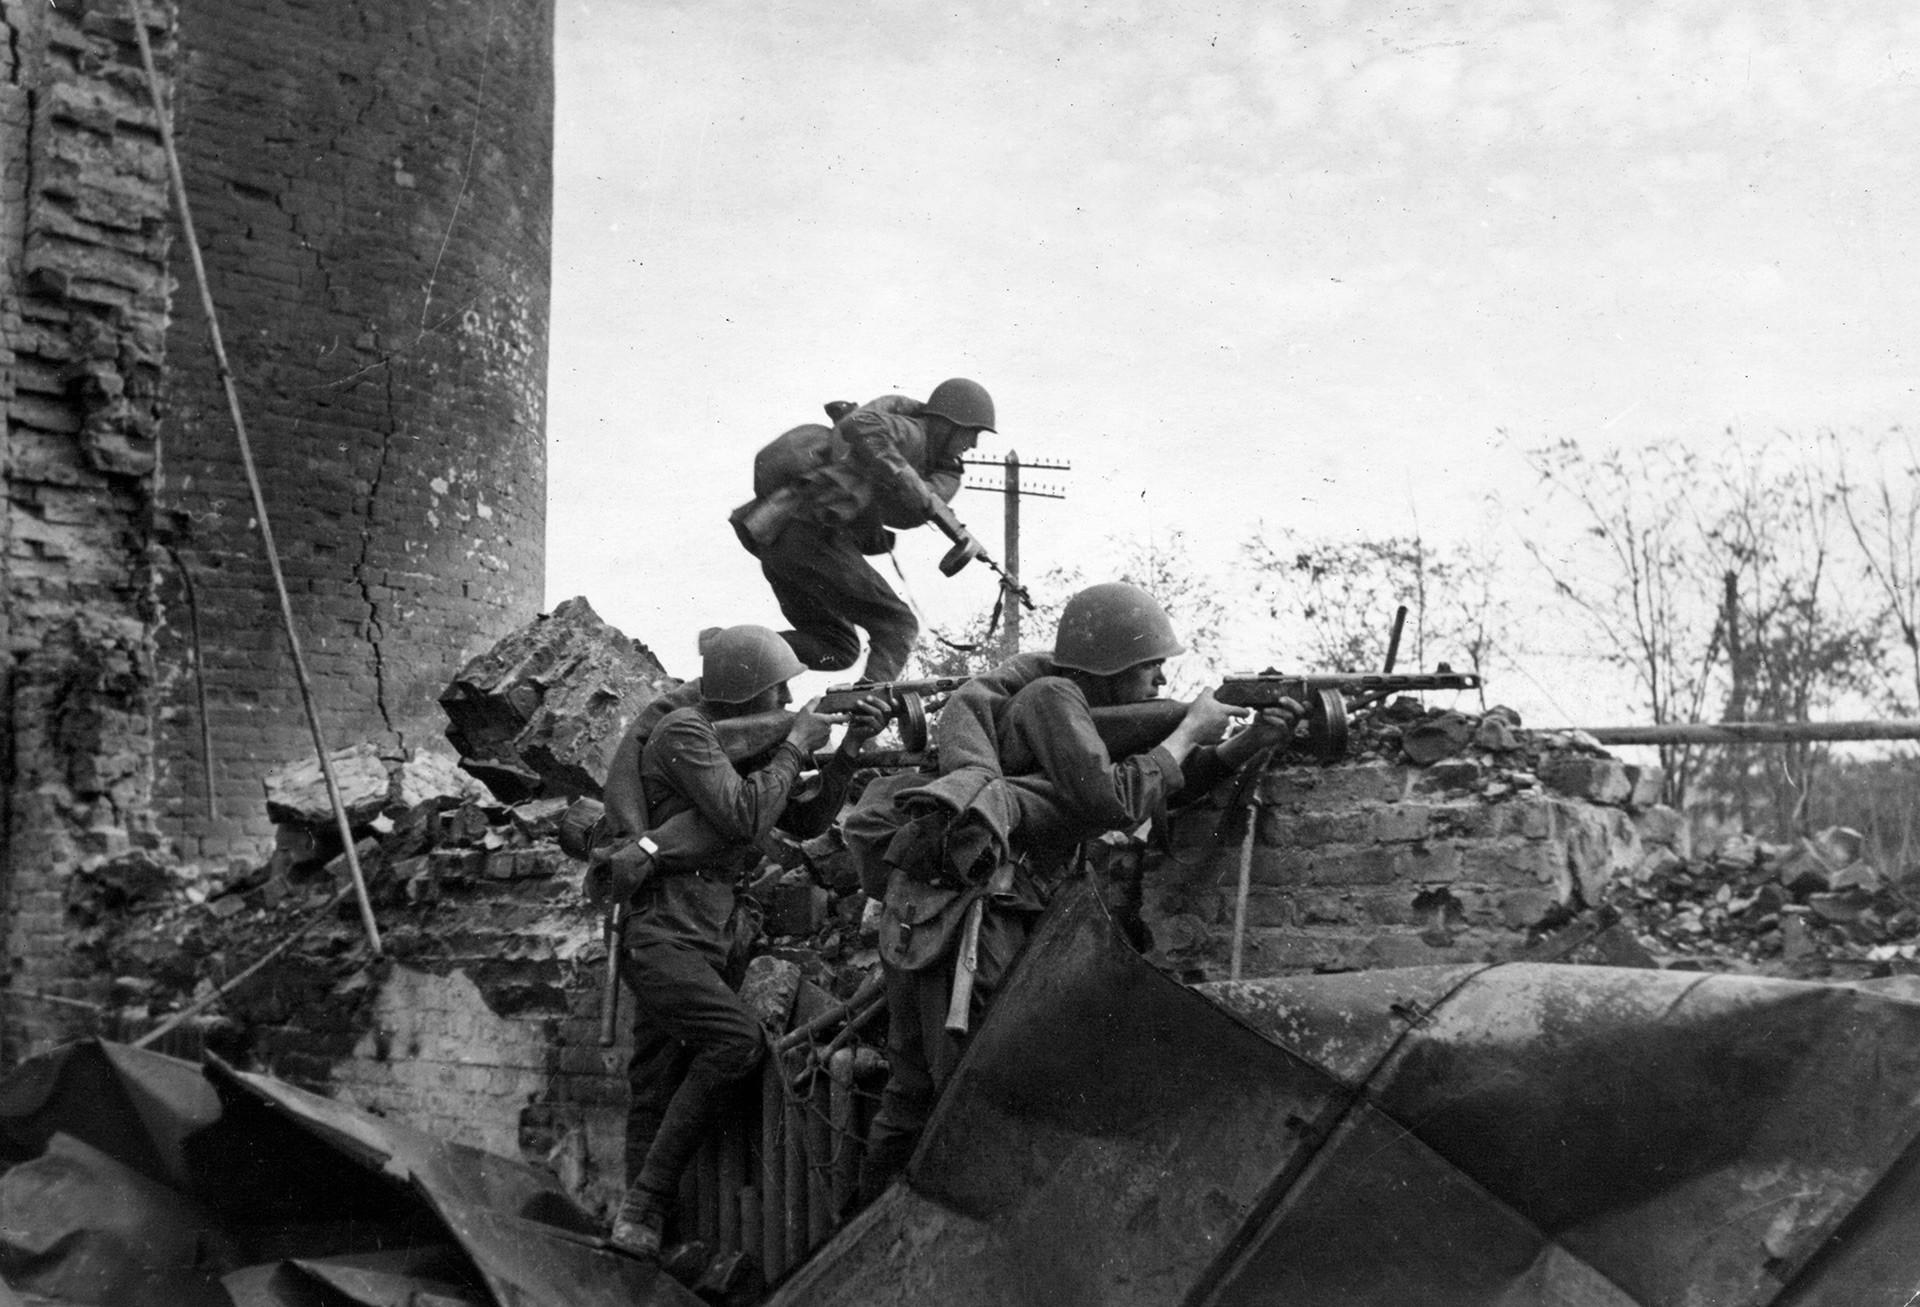 Saat PD II meletus, Sudoplatov bersama dengan kepala intelijen lainnya berupaya menghemat tenaga saat melawan Hitler — bukan di parit, melainkan dengan perang mata-mata.